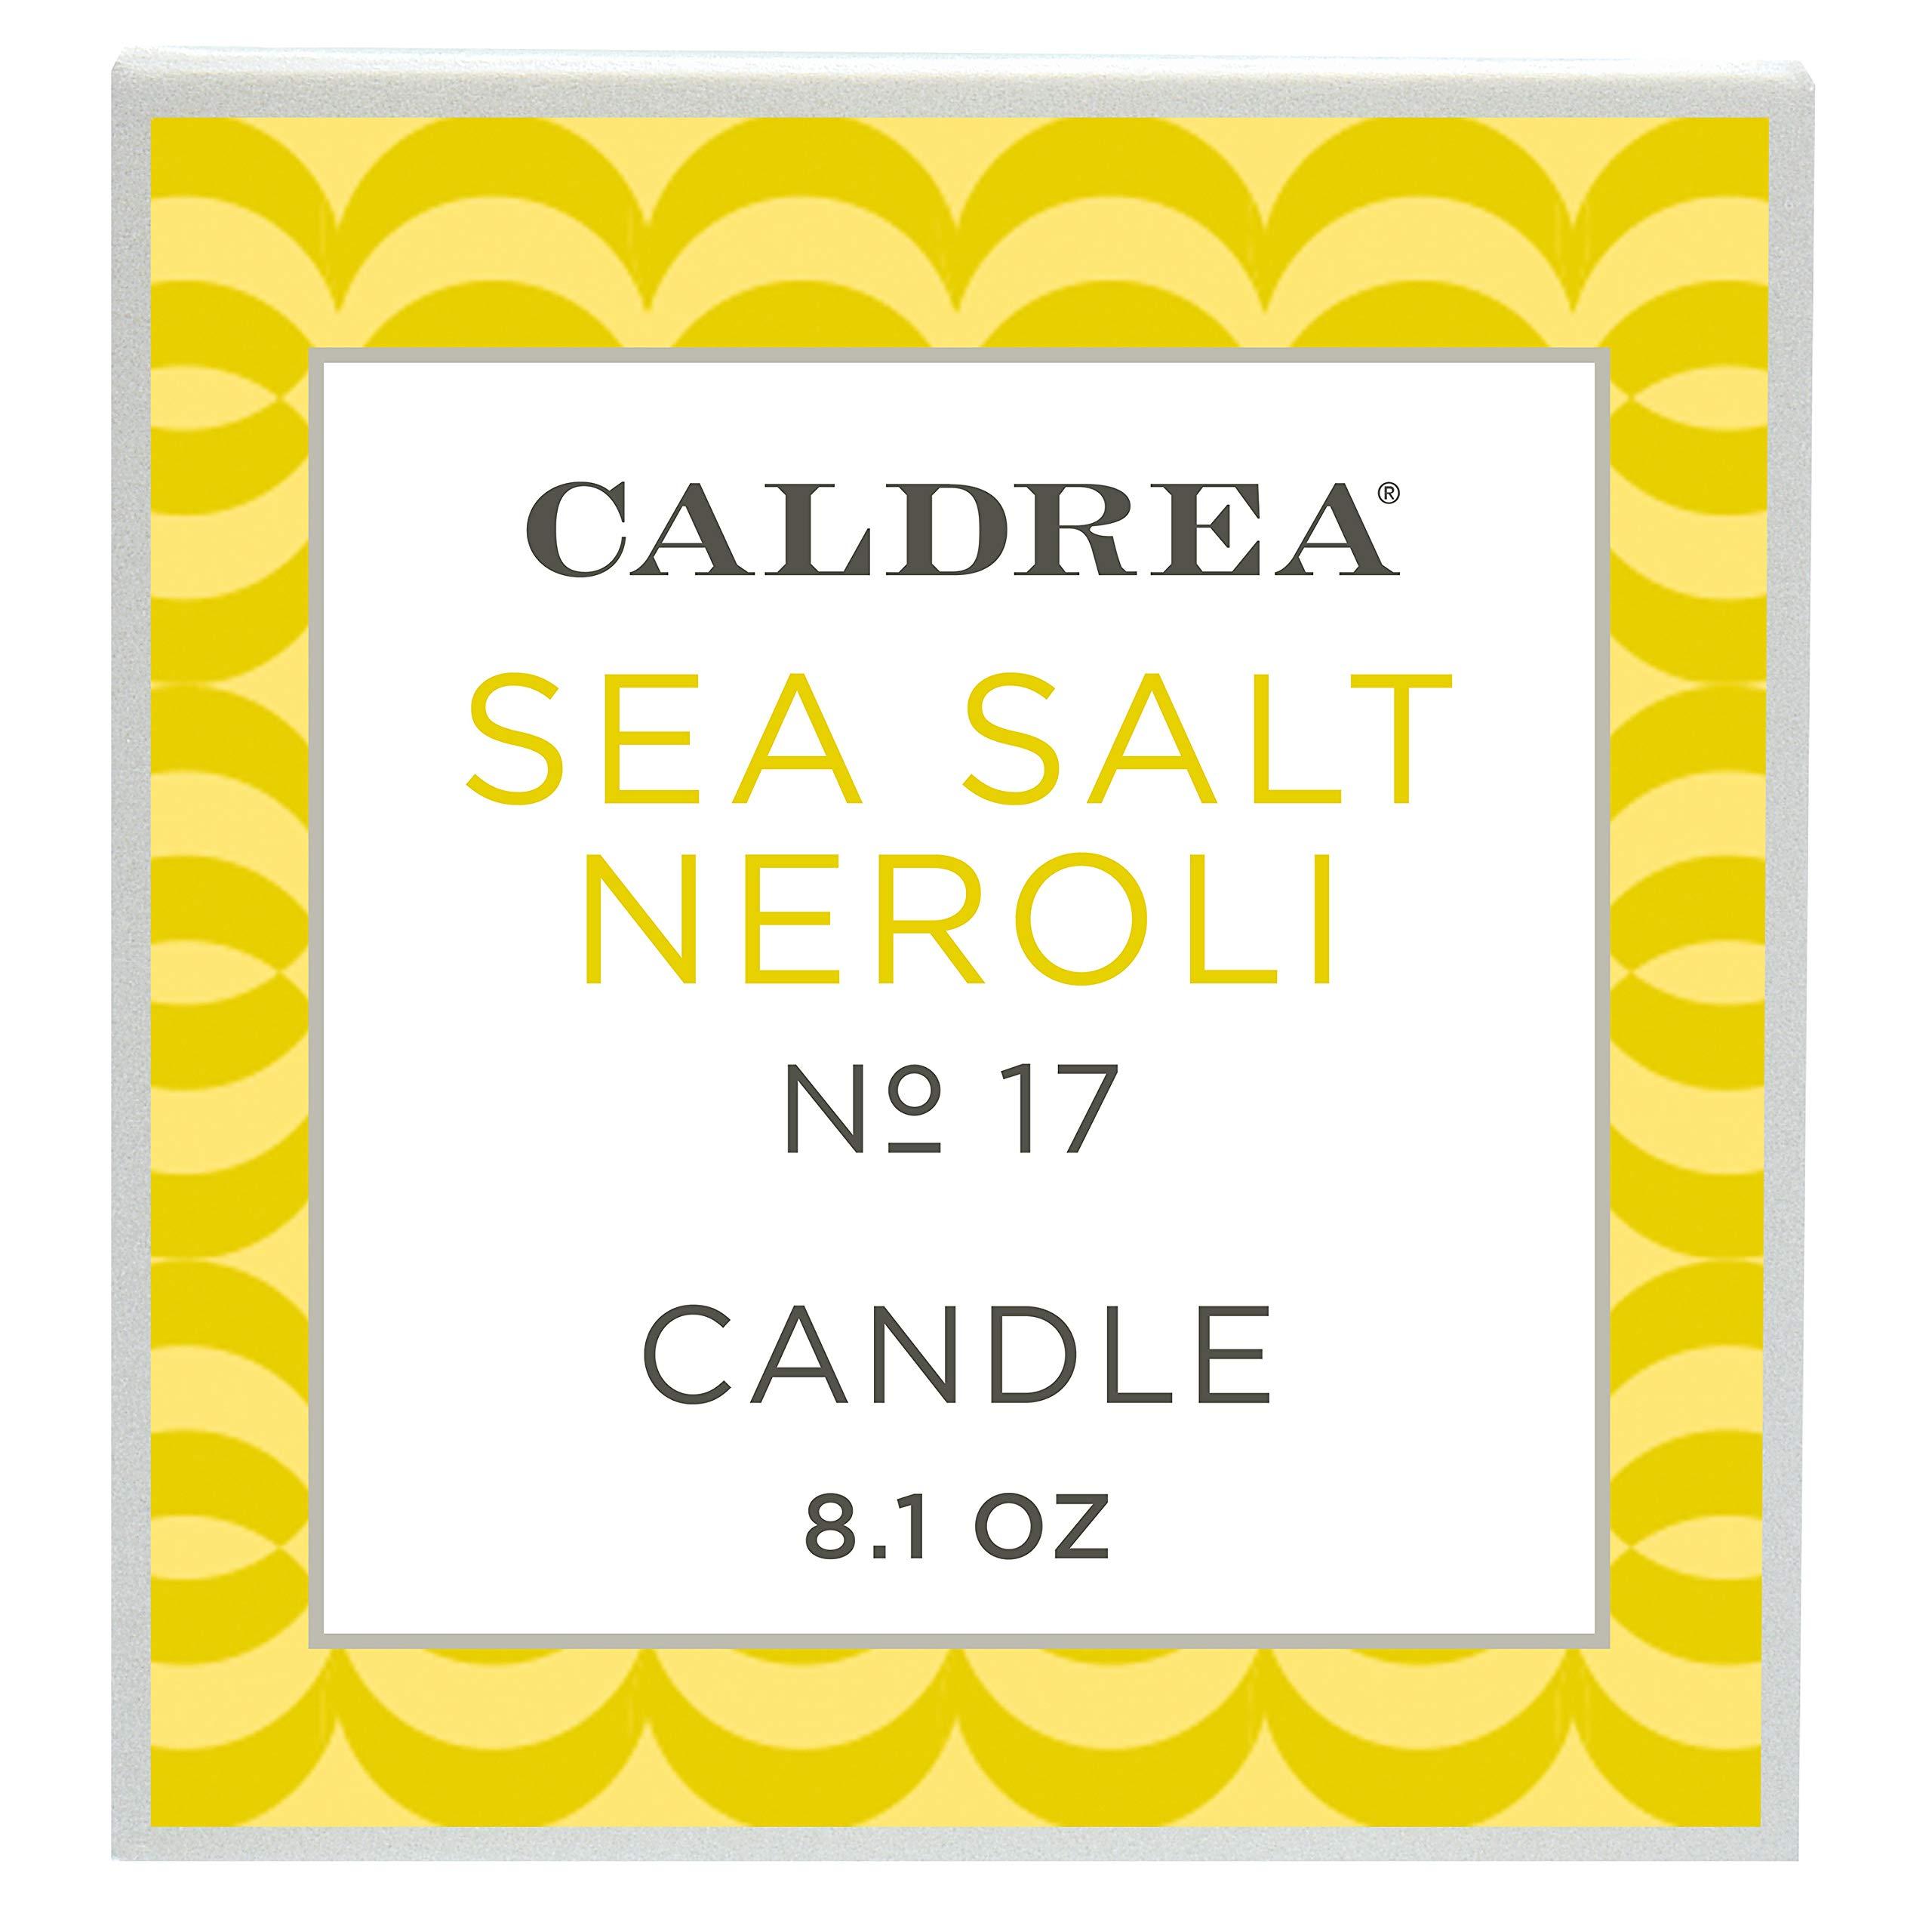 Caldrea Sea Salt Neroli Scented Candle 8.1 oz